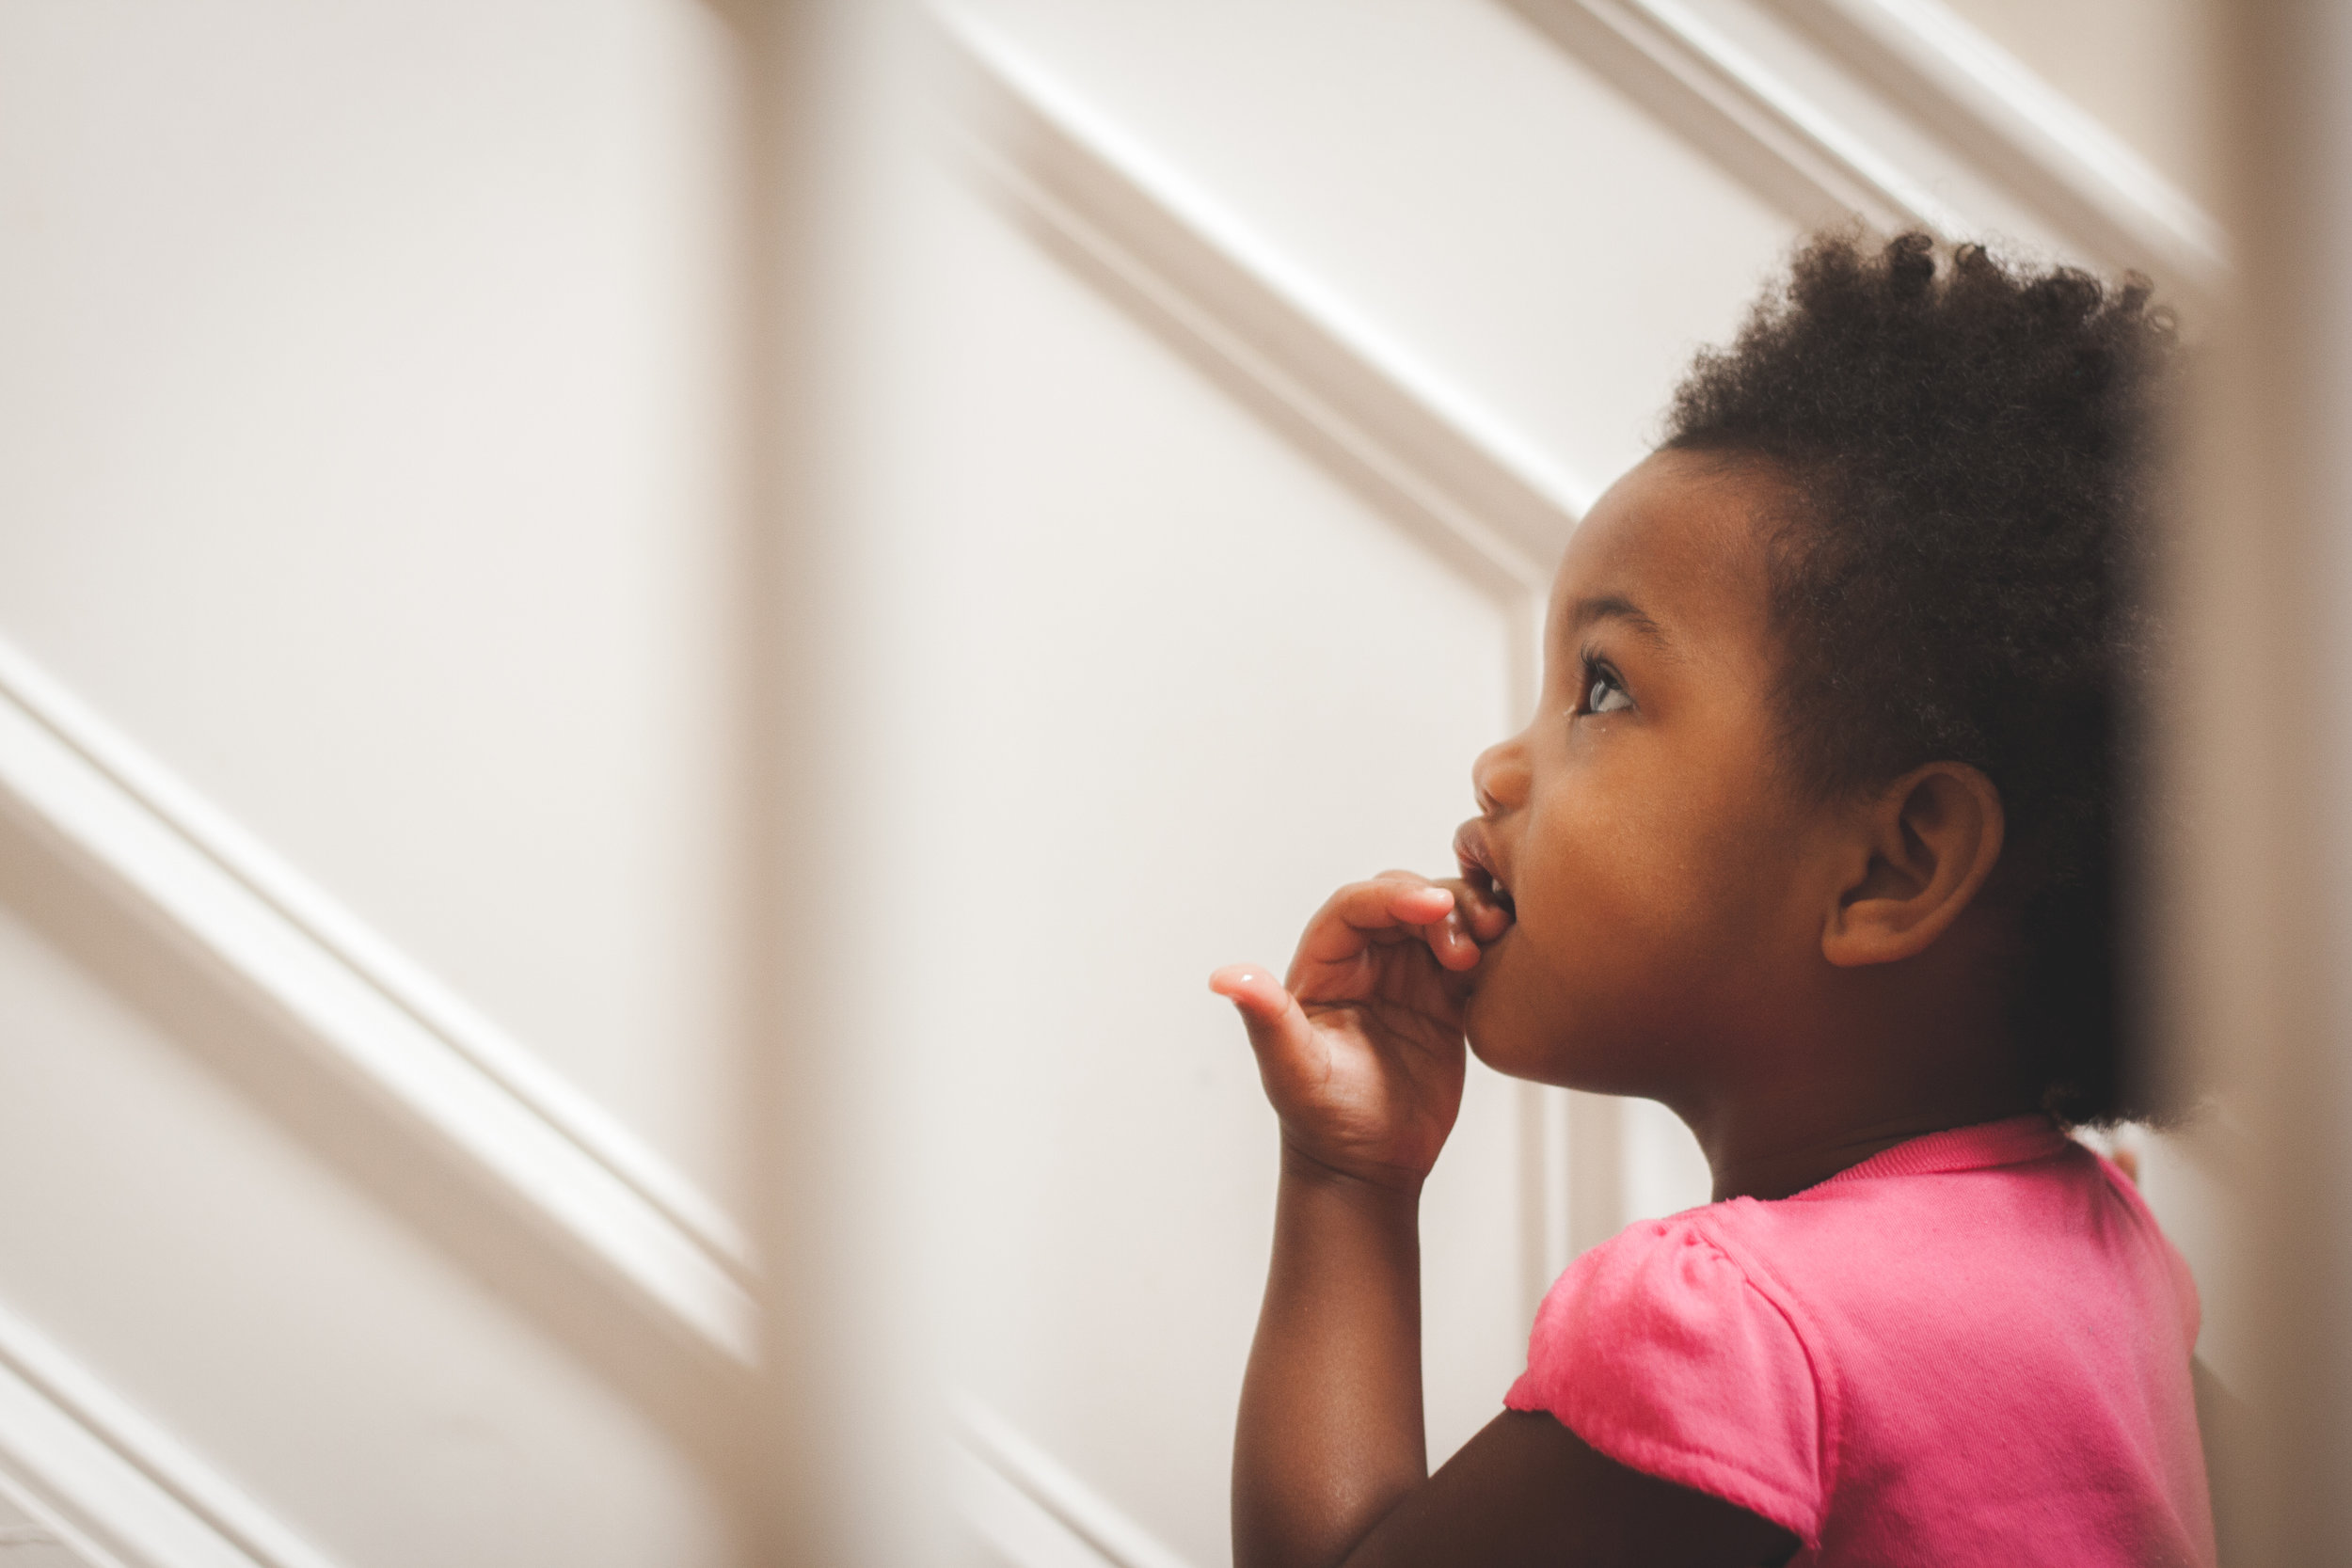 Baby_Jack_Home (5 of 4).jpg